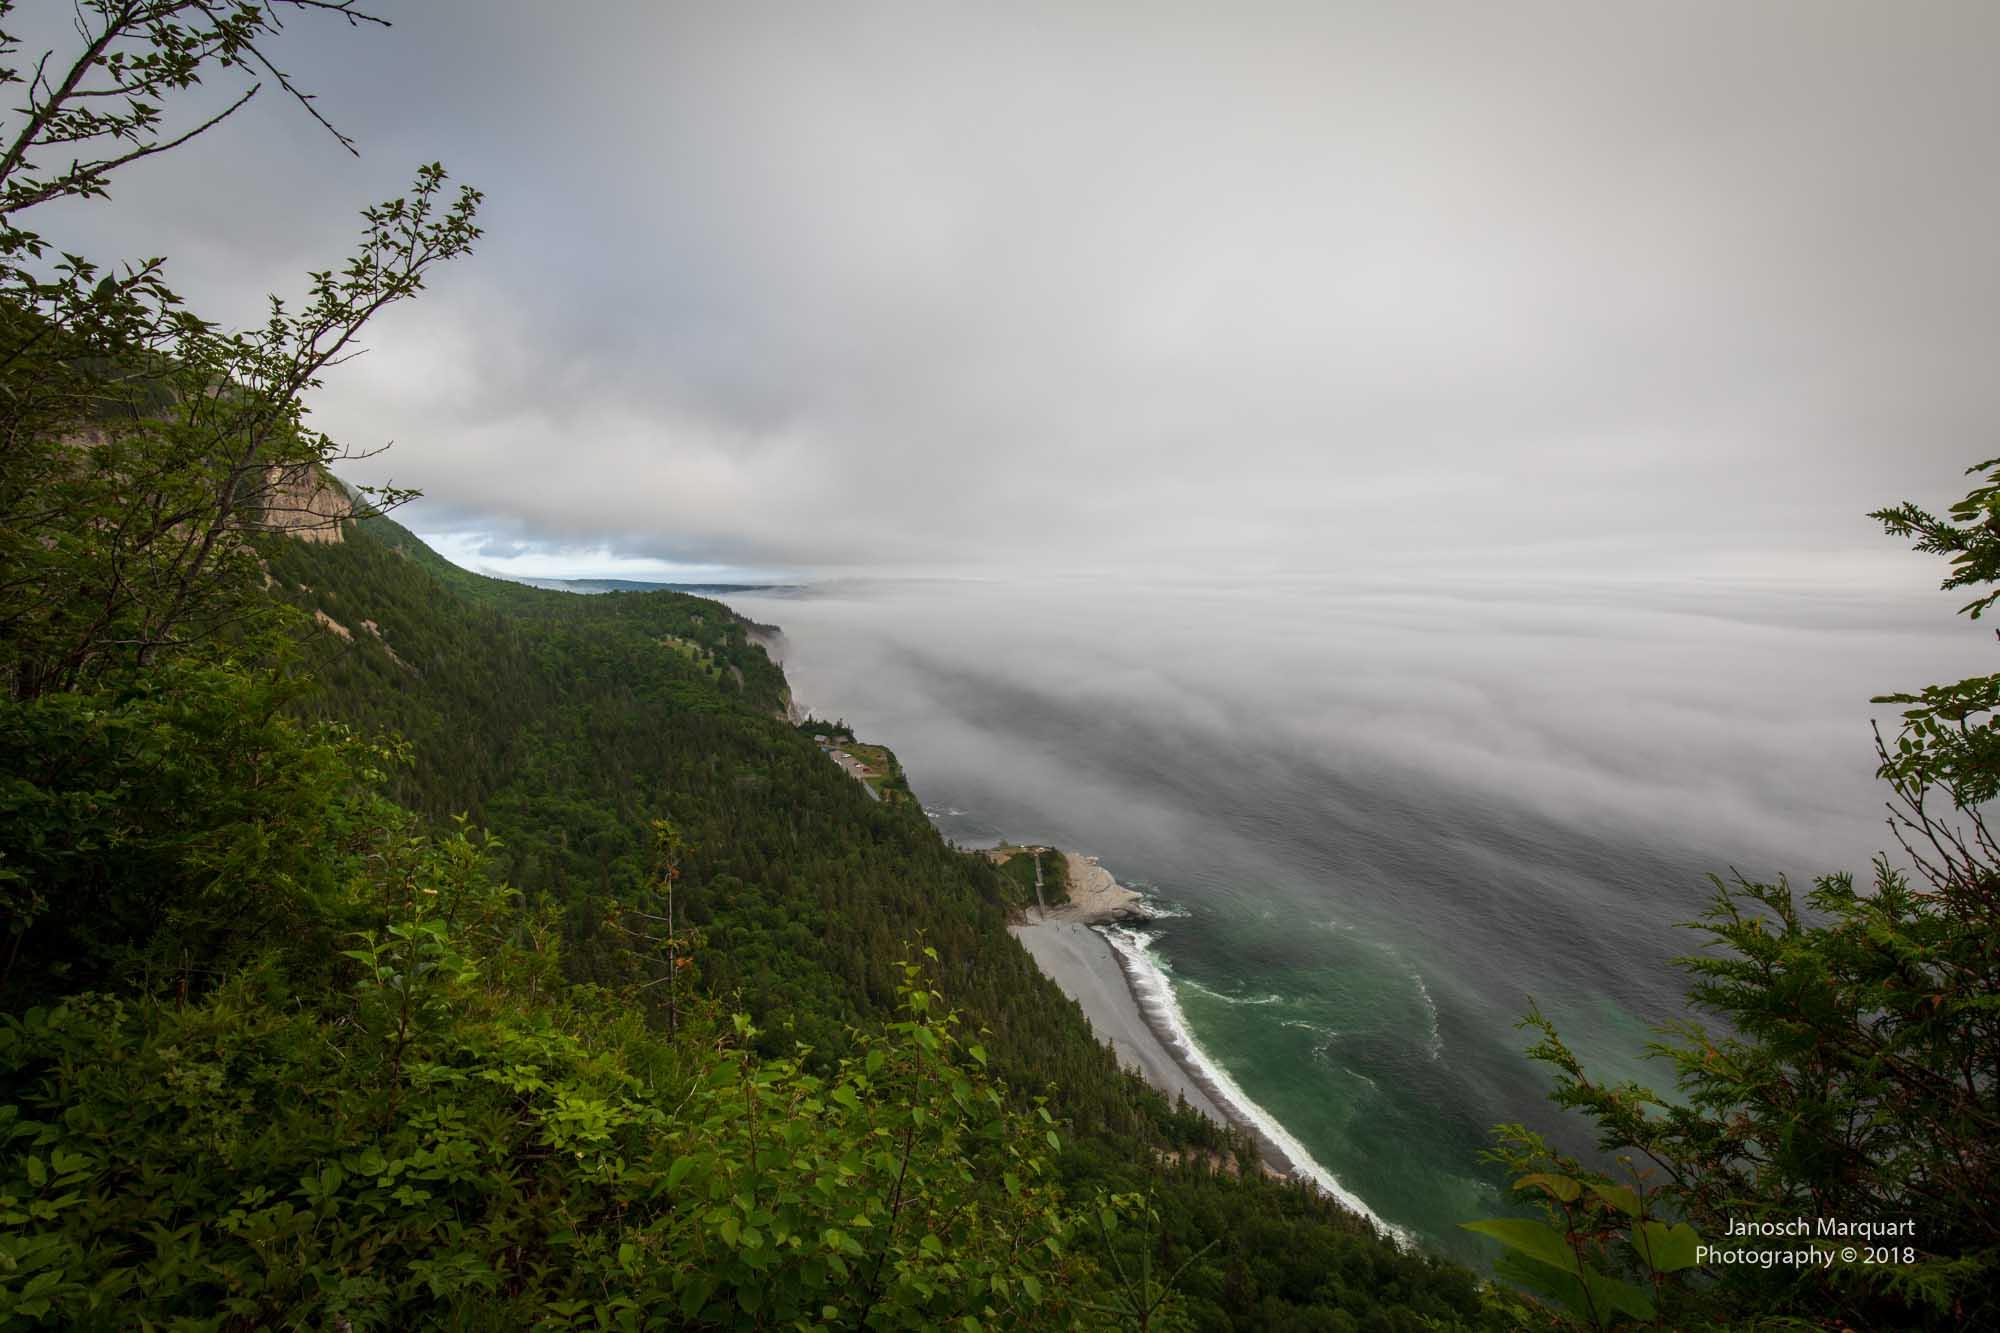 Foto des Cap Bon Ami im Nebel am frühen Morgen.